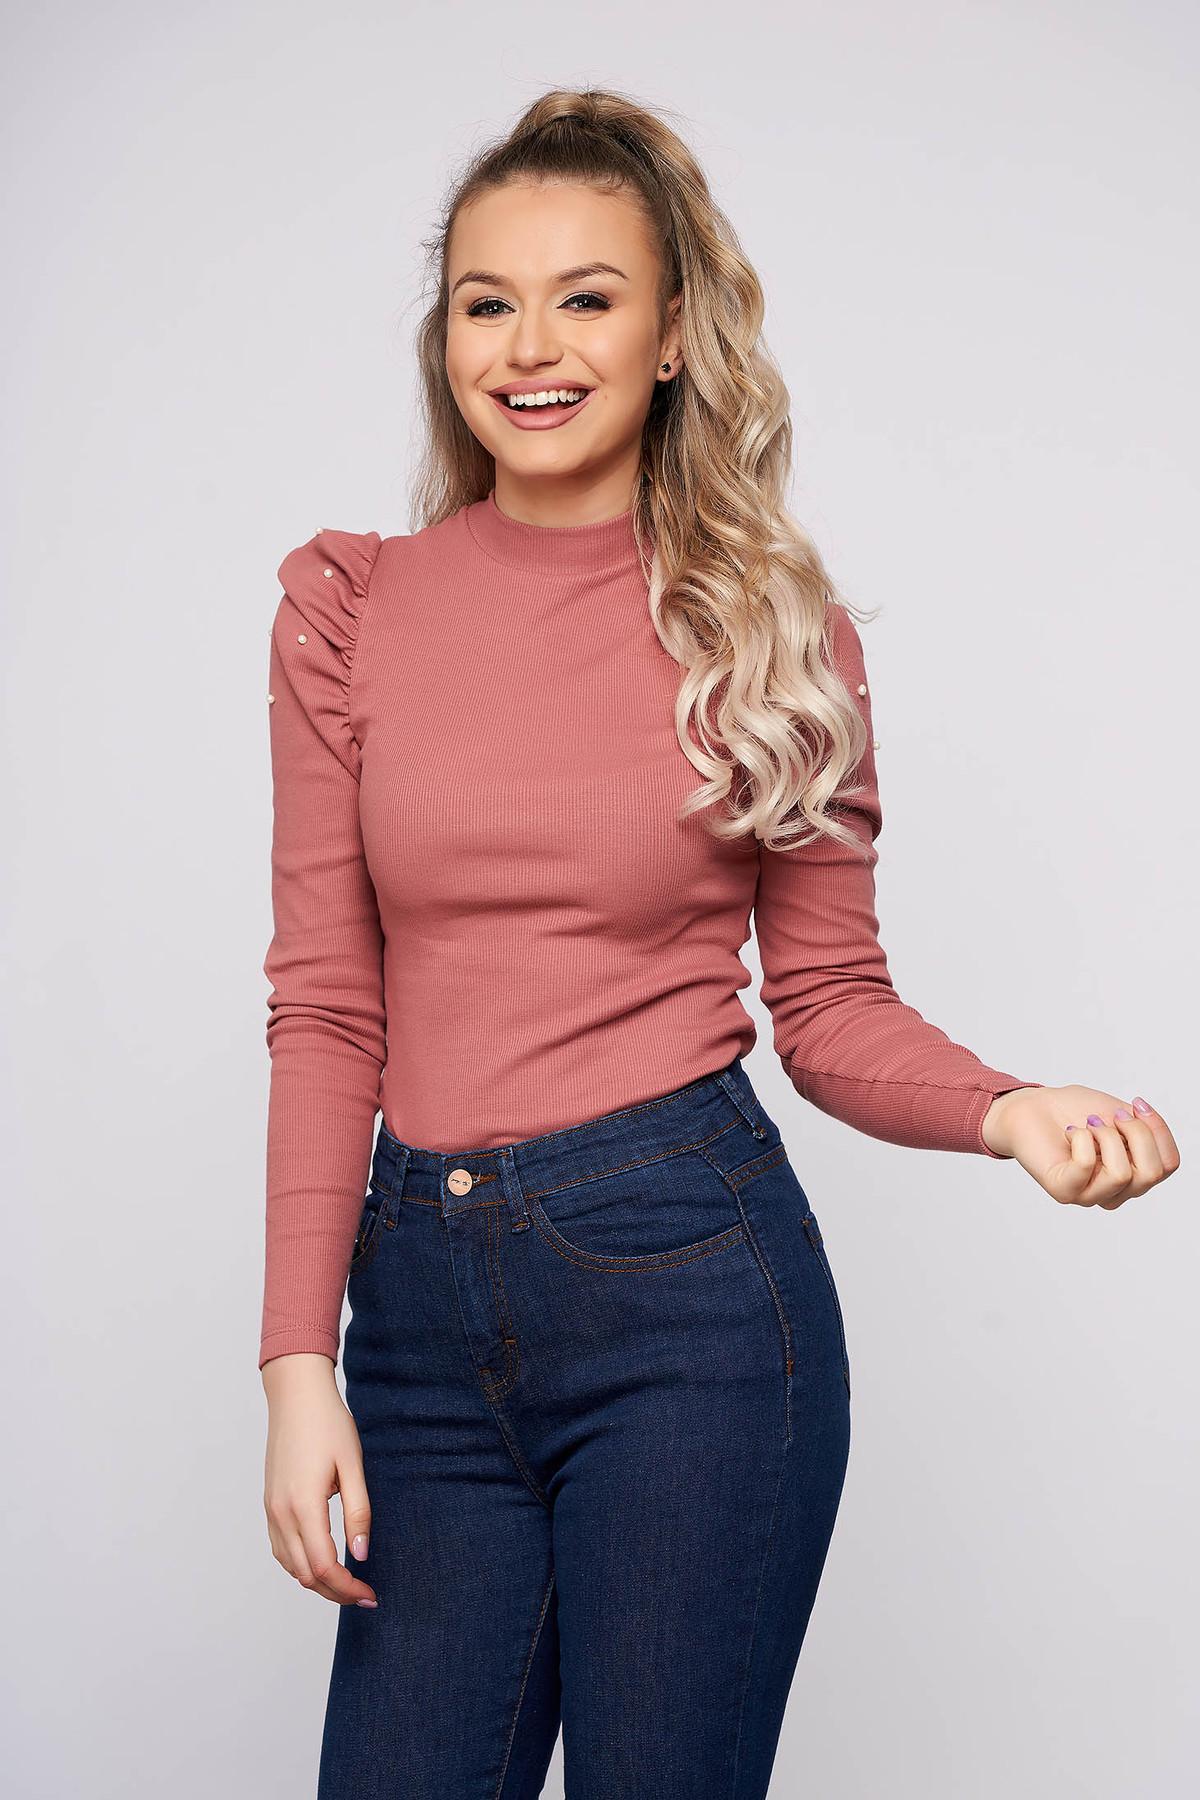 Bluza dama SunShine roz prafuit mulata scurta pe gat din material reiat cu umeri cu volum